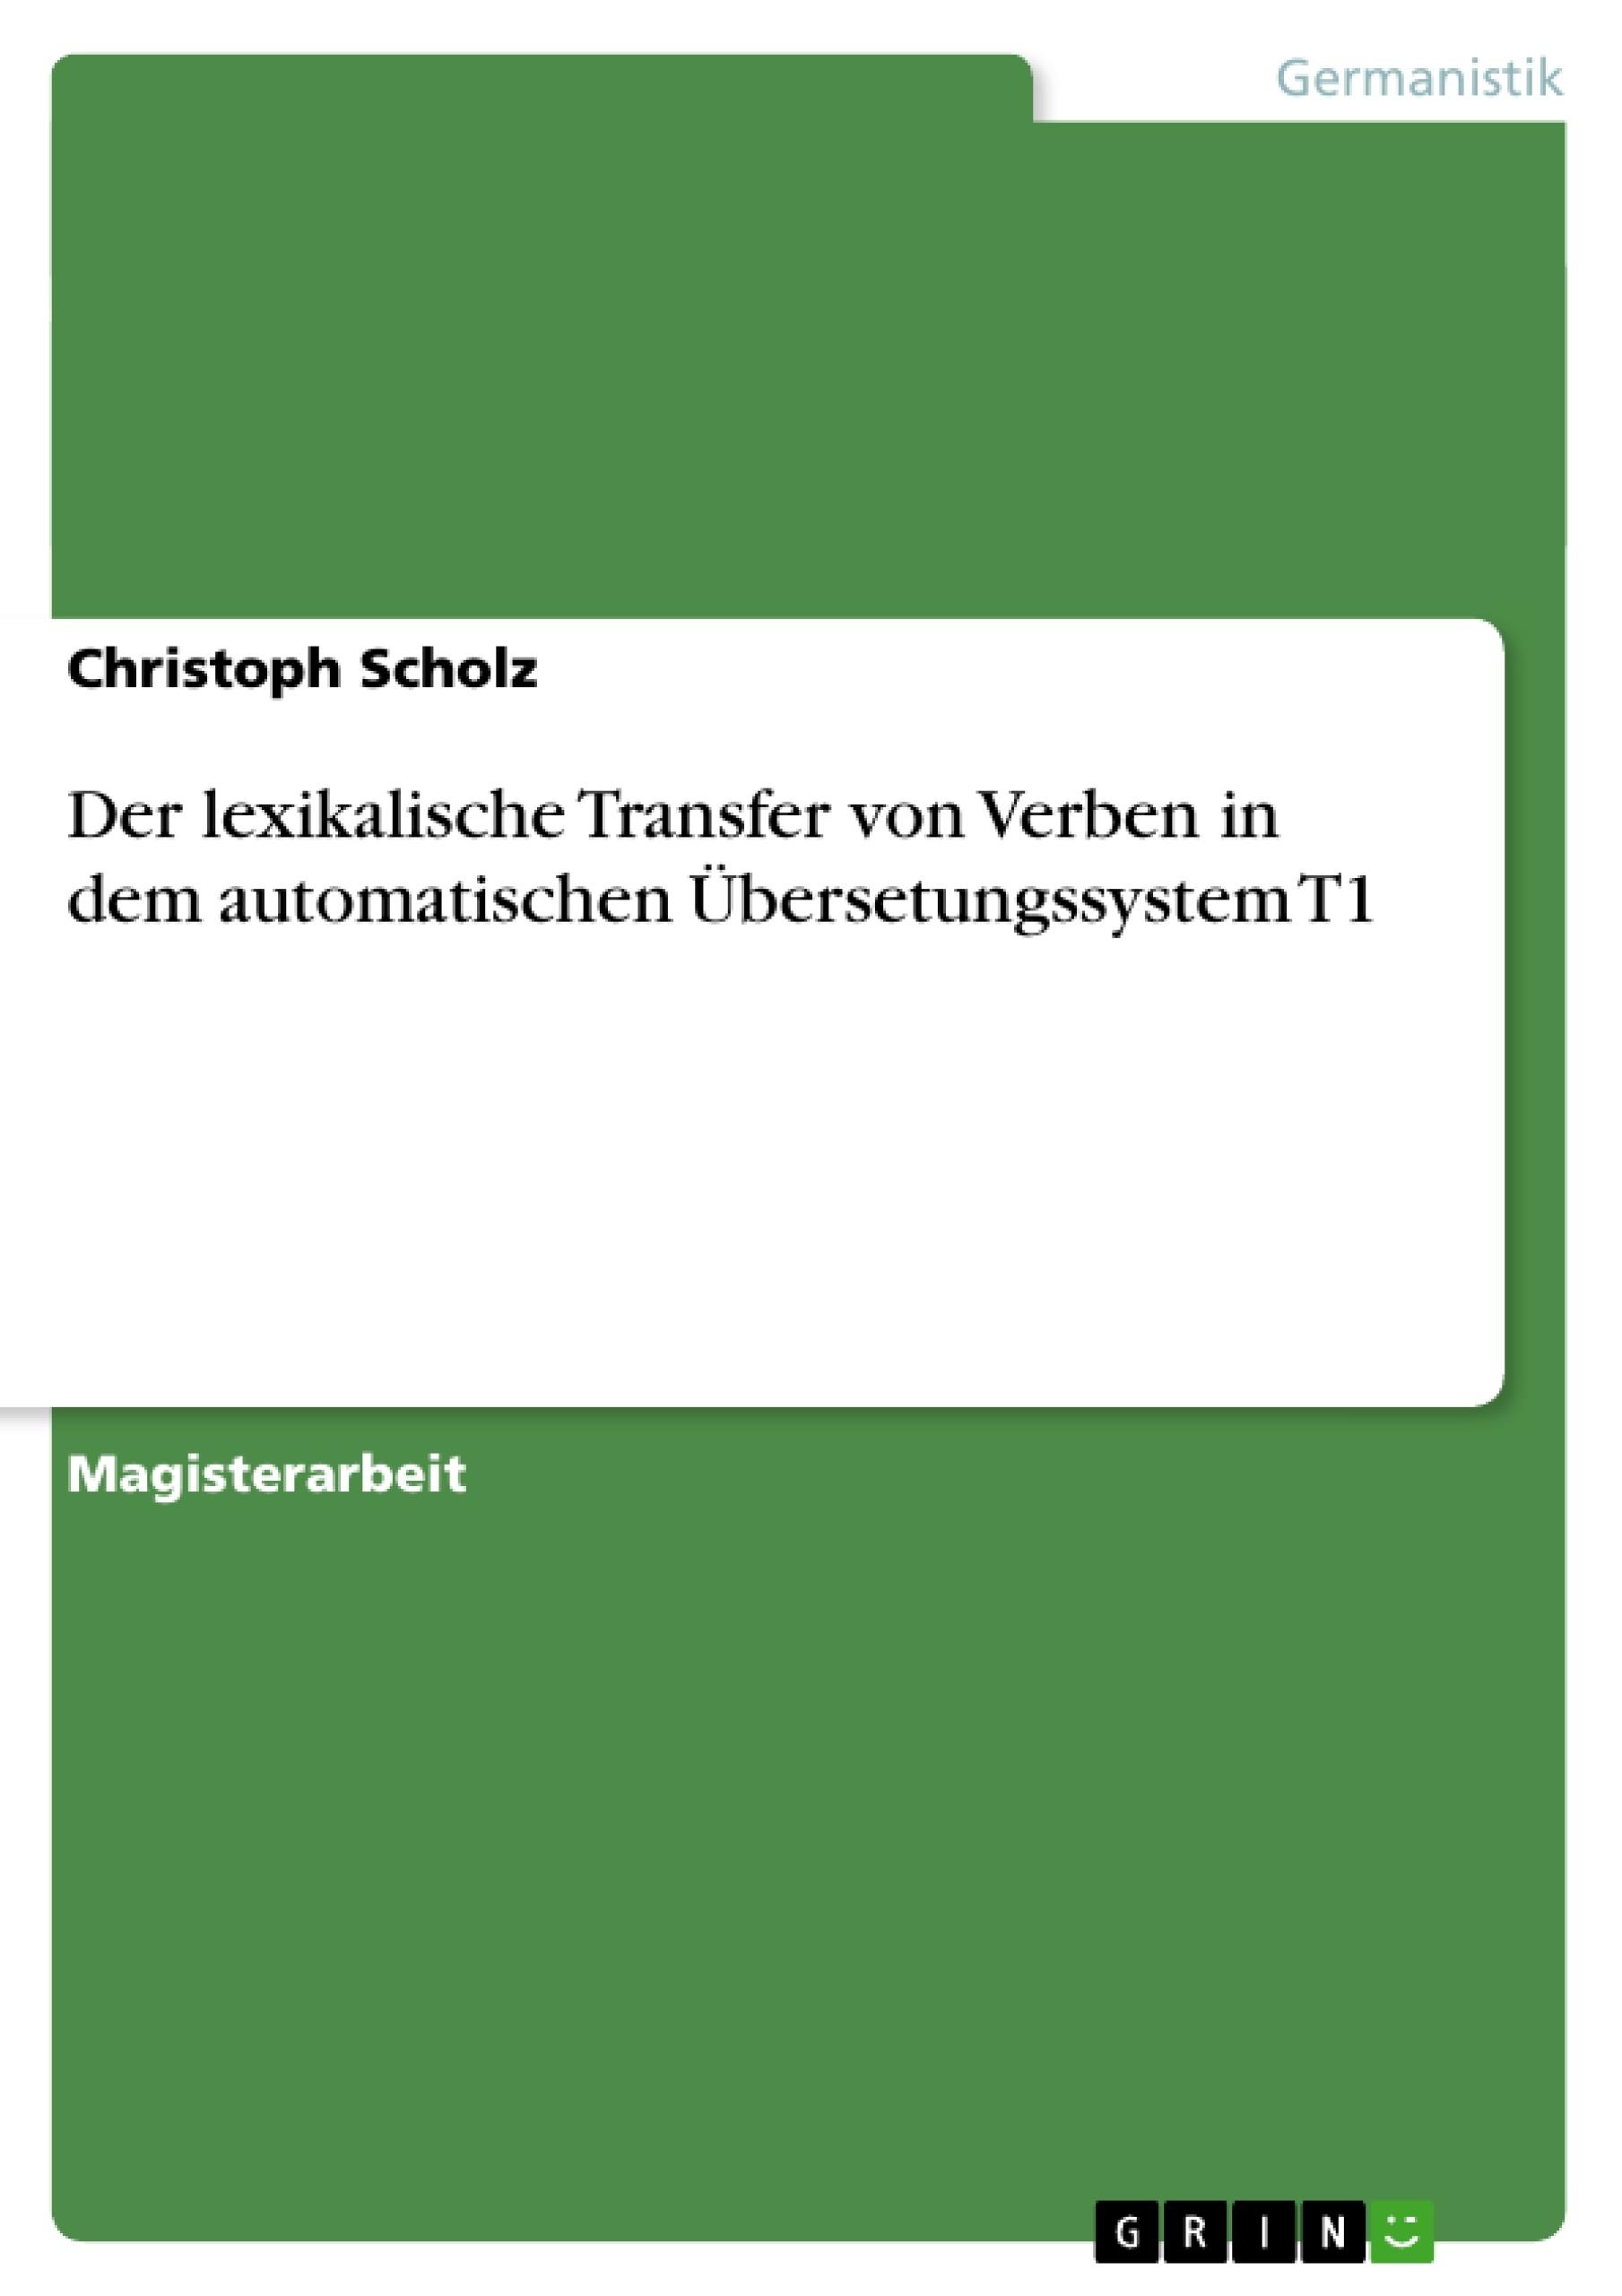 Titel: Der lexikalische Transfer von Verben in dem automatischen Übersetungssystem T1